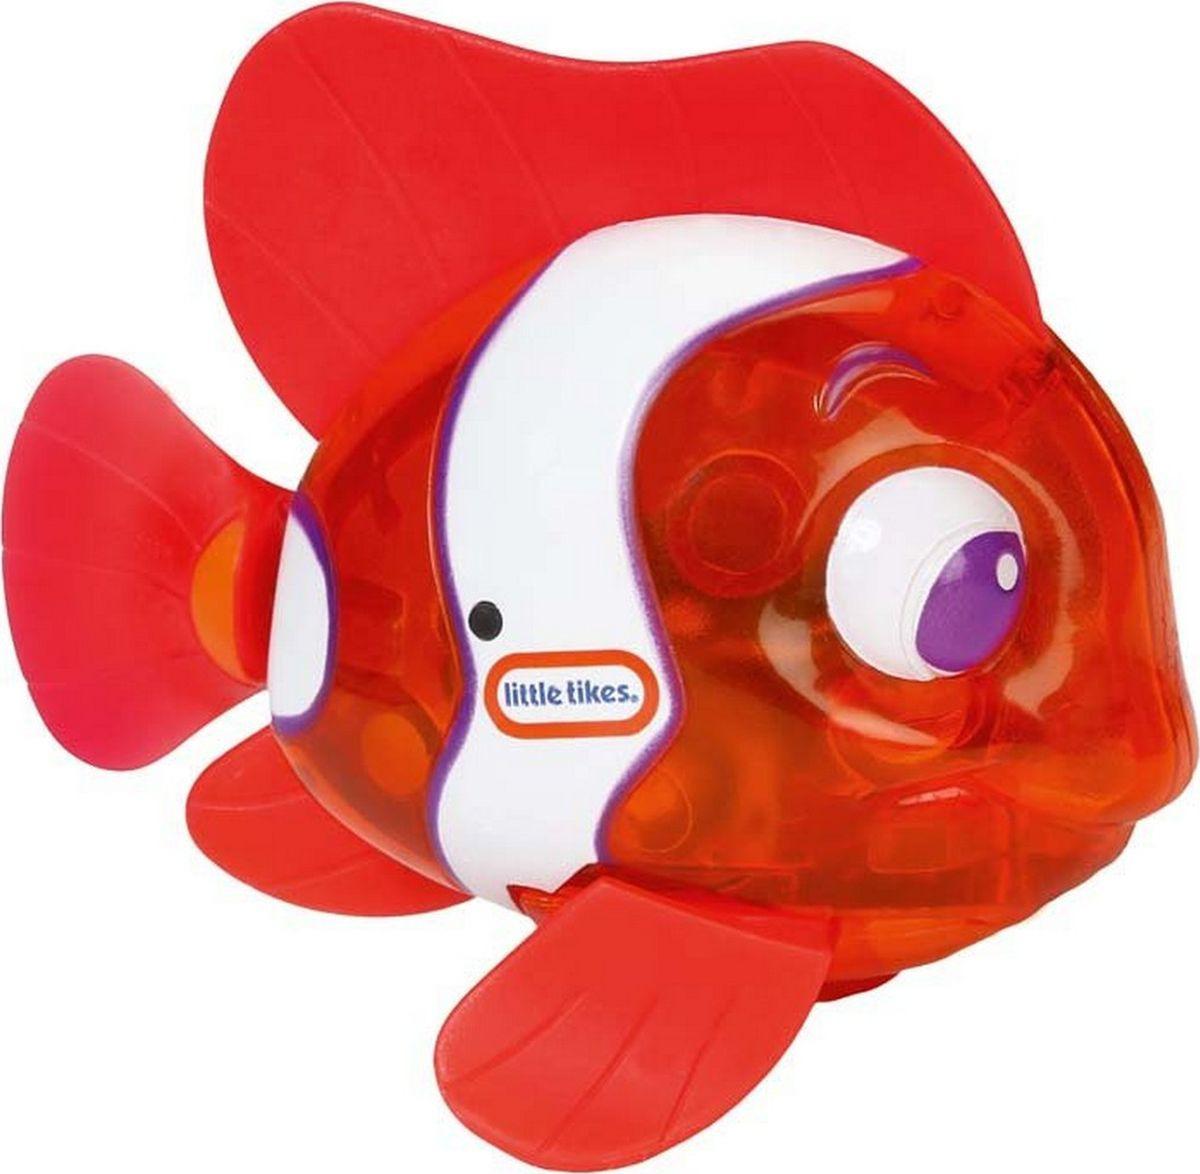 Интерактивная игрушка Little Tikes Блестящая бухта Рыбка Огонек Рыба-клоун, 638220M pannorama панно рыбка клоун